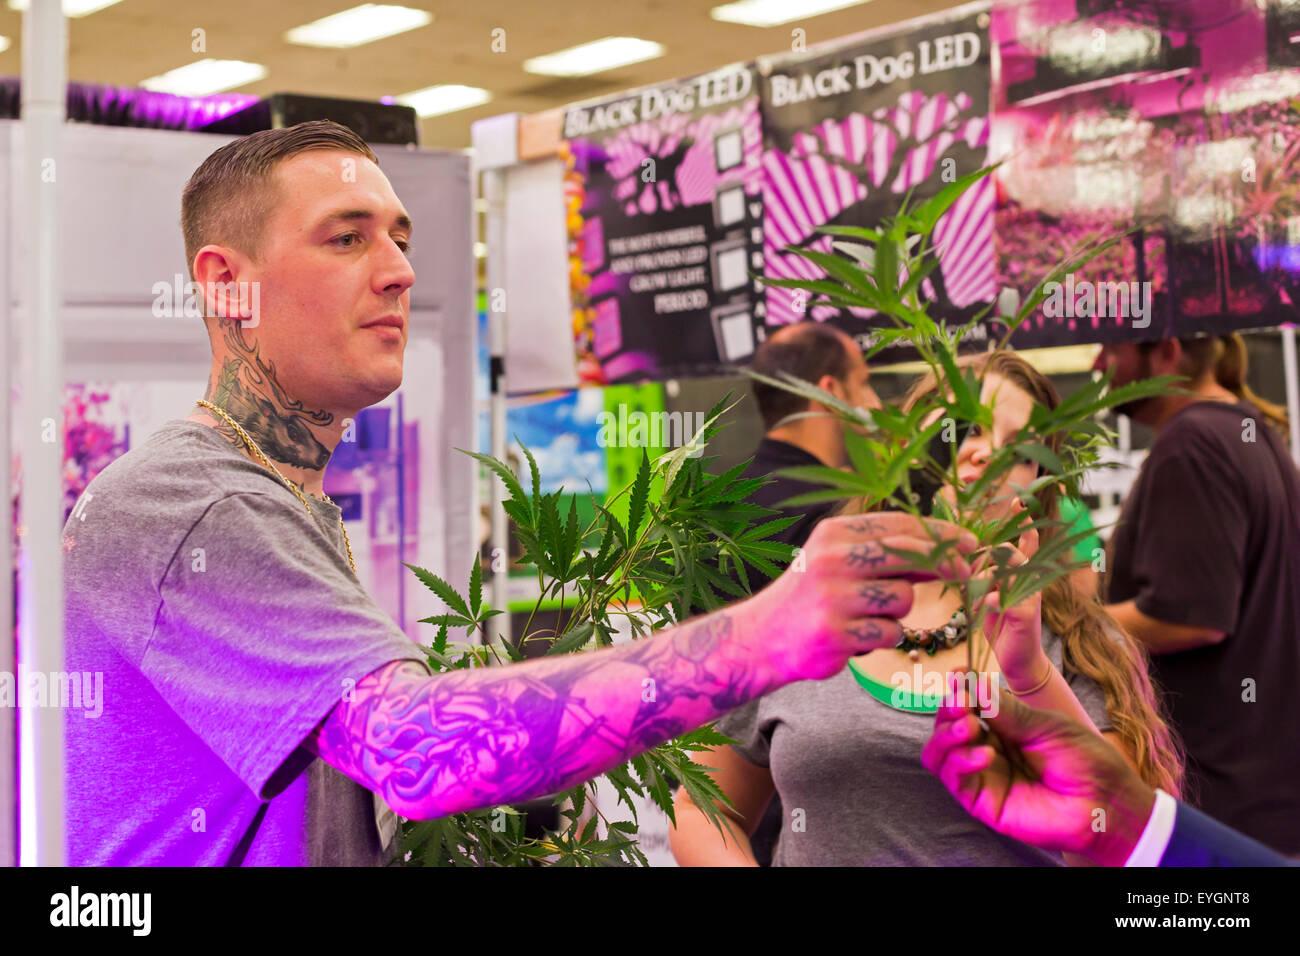 Denver, Colorado - El vendedor de crecer luces en INDO Expo, una feria de marihuana. Foto de stock